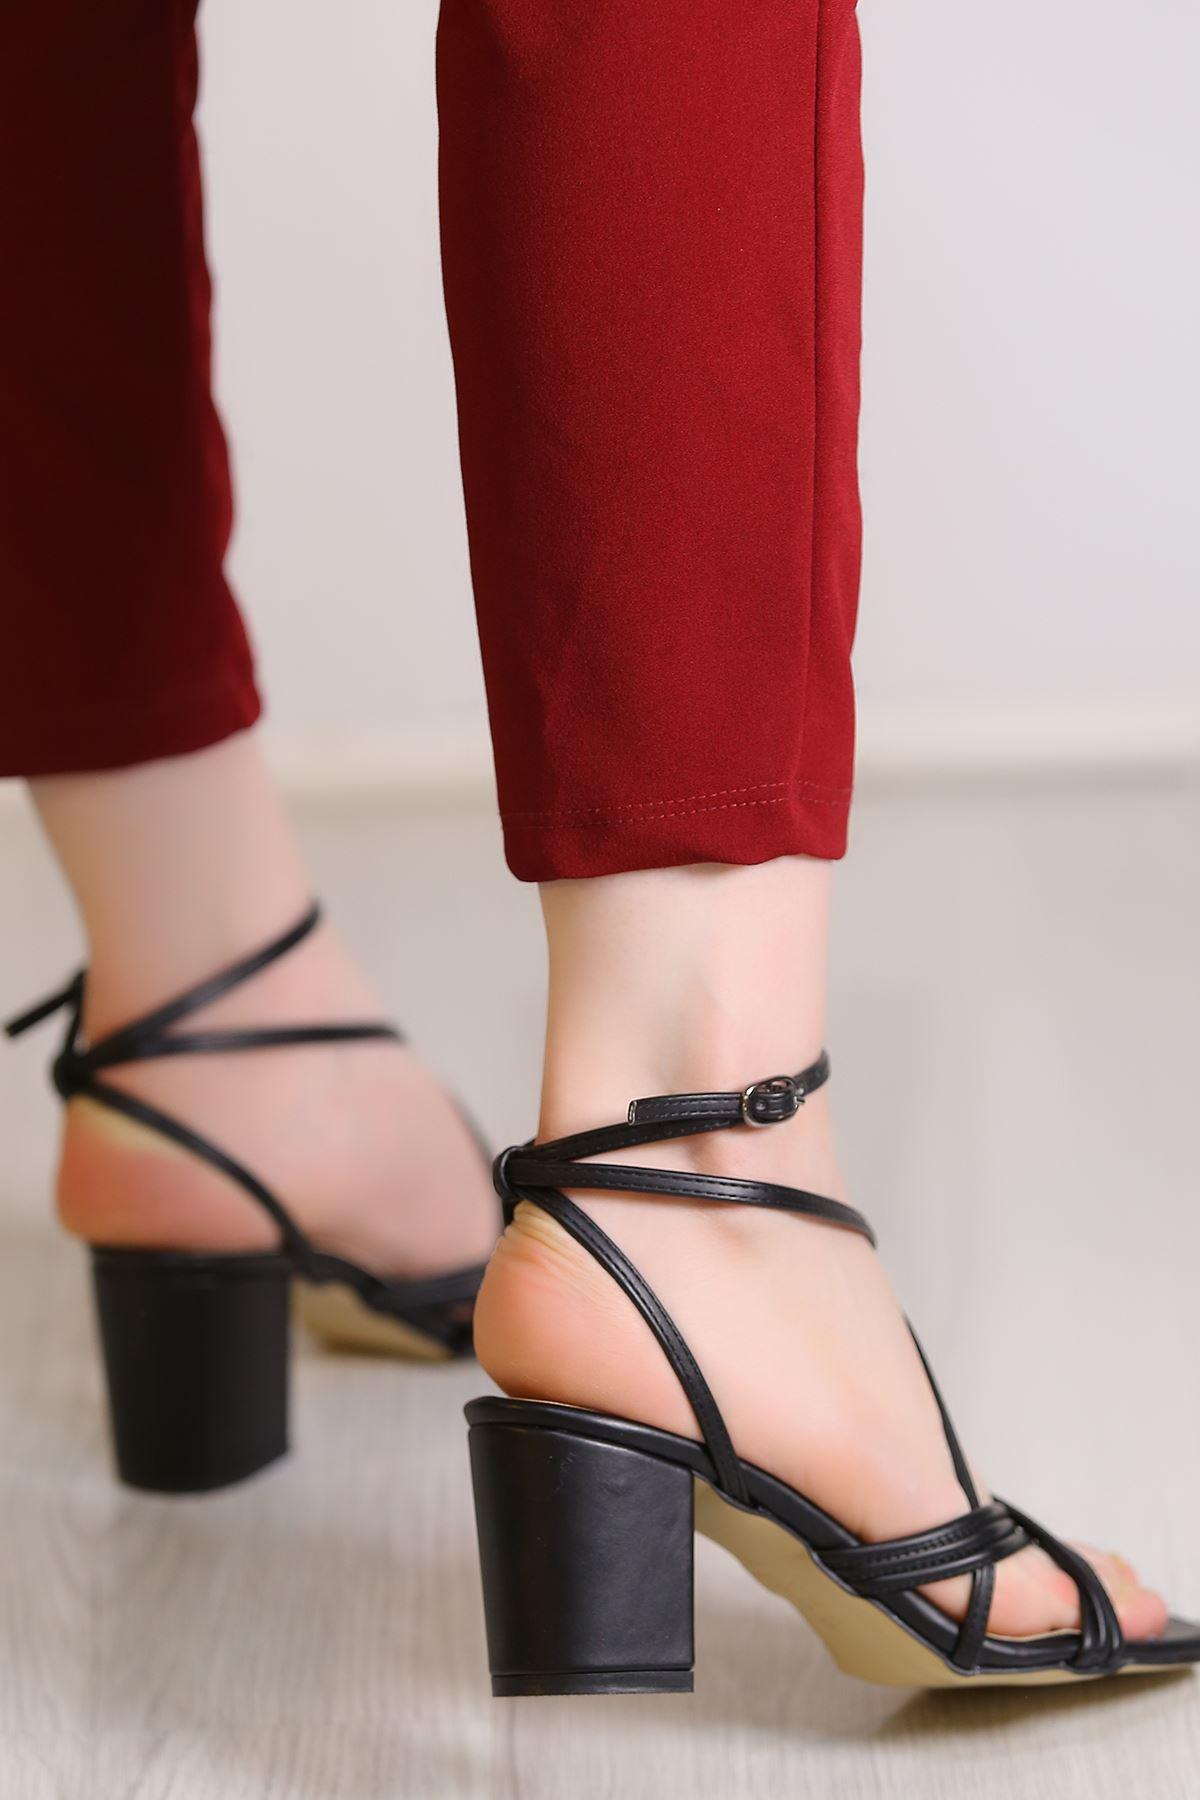 7 Cm Topuklu Ayakkabı Siyahderi - 5438.264.